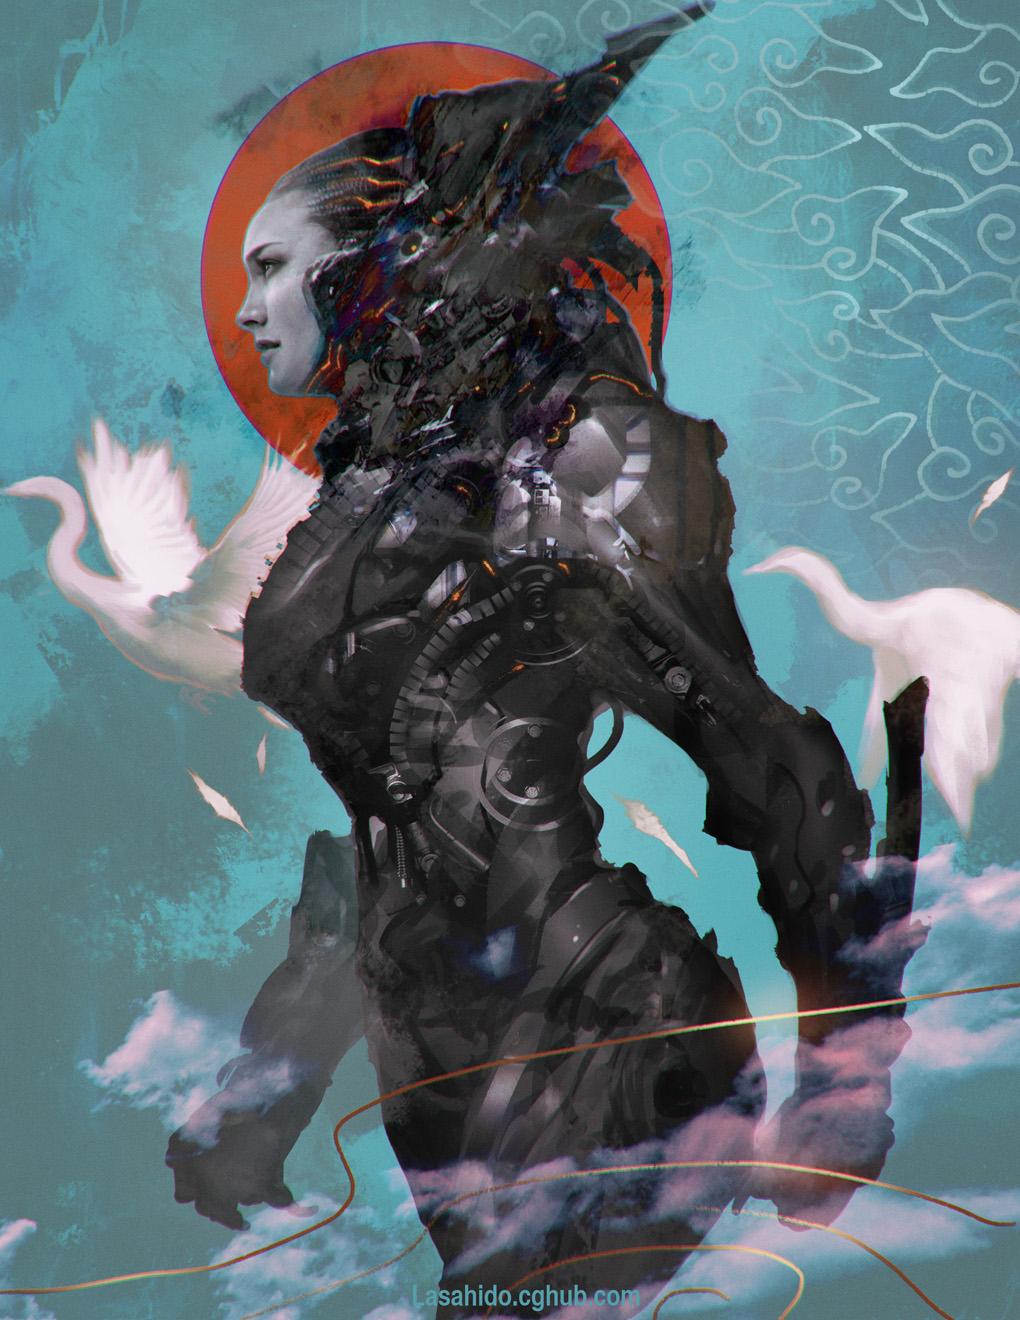 Raturion by LASAHIDO